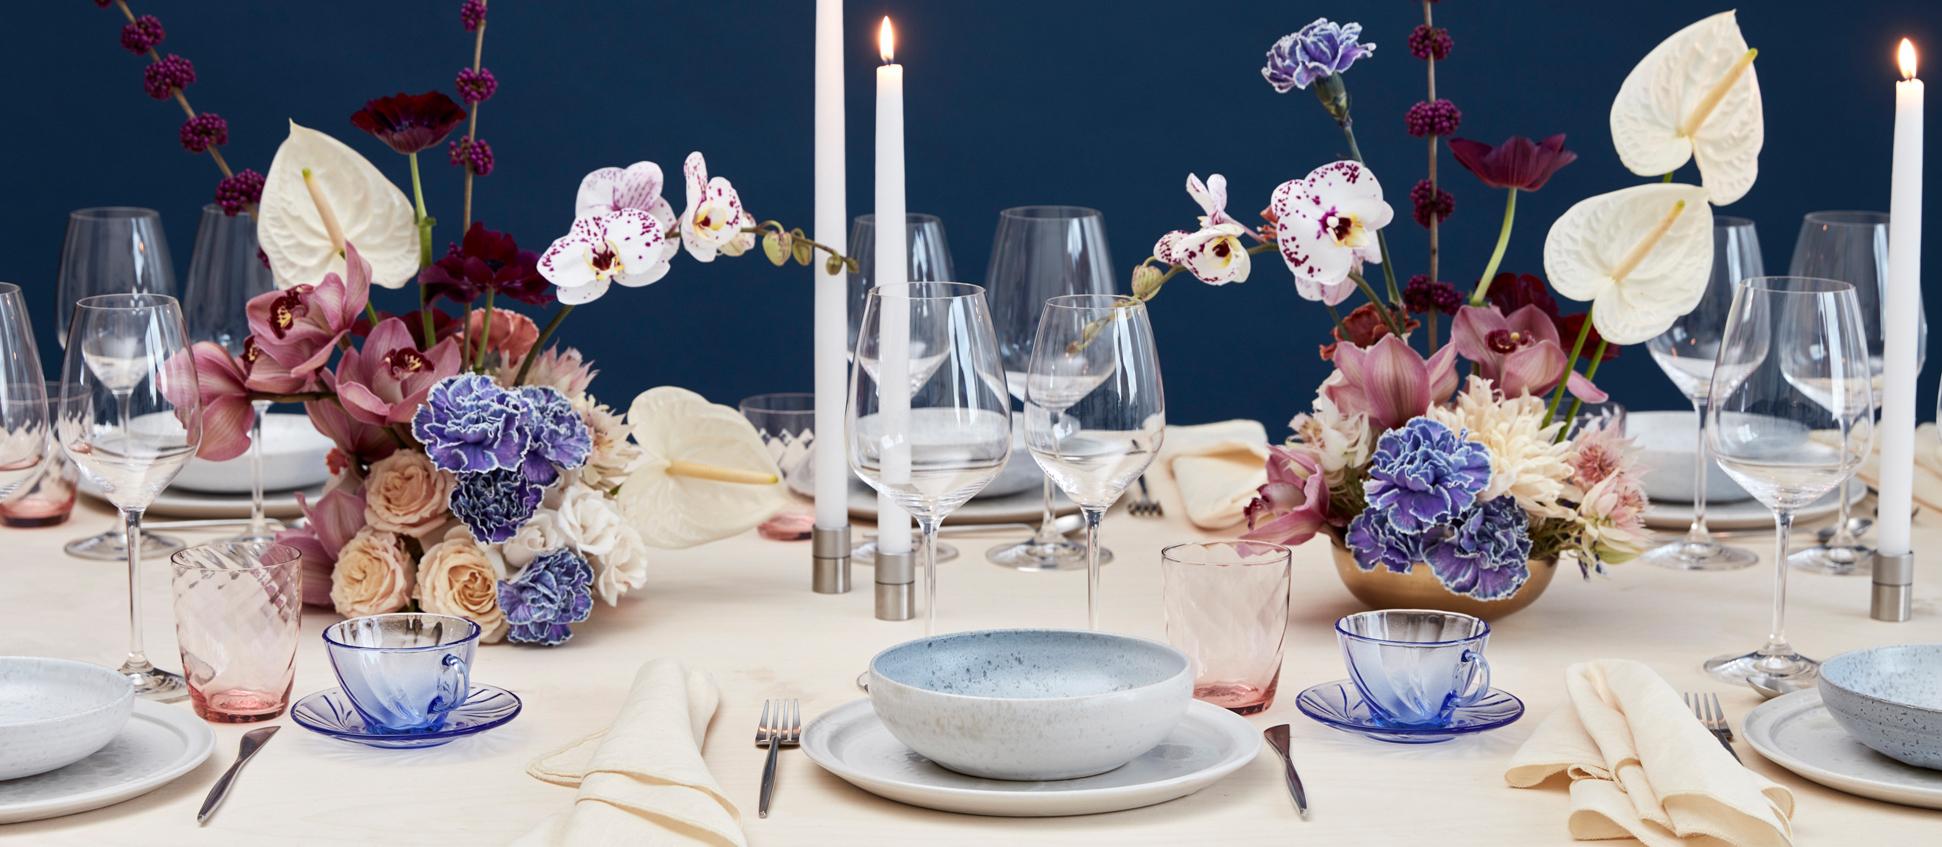 A table story eksklusiv serviceudlejning leje af khwurtz